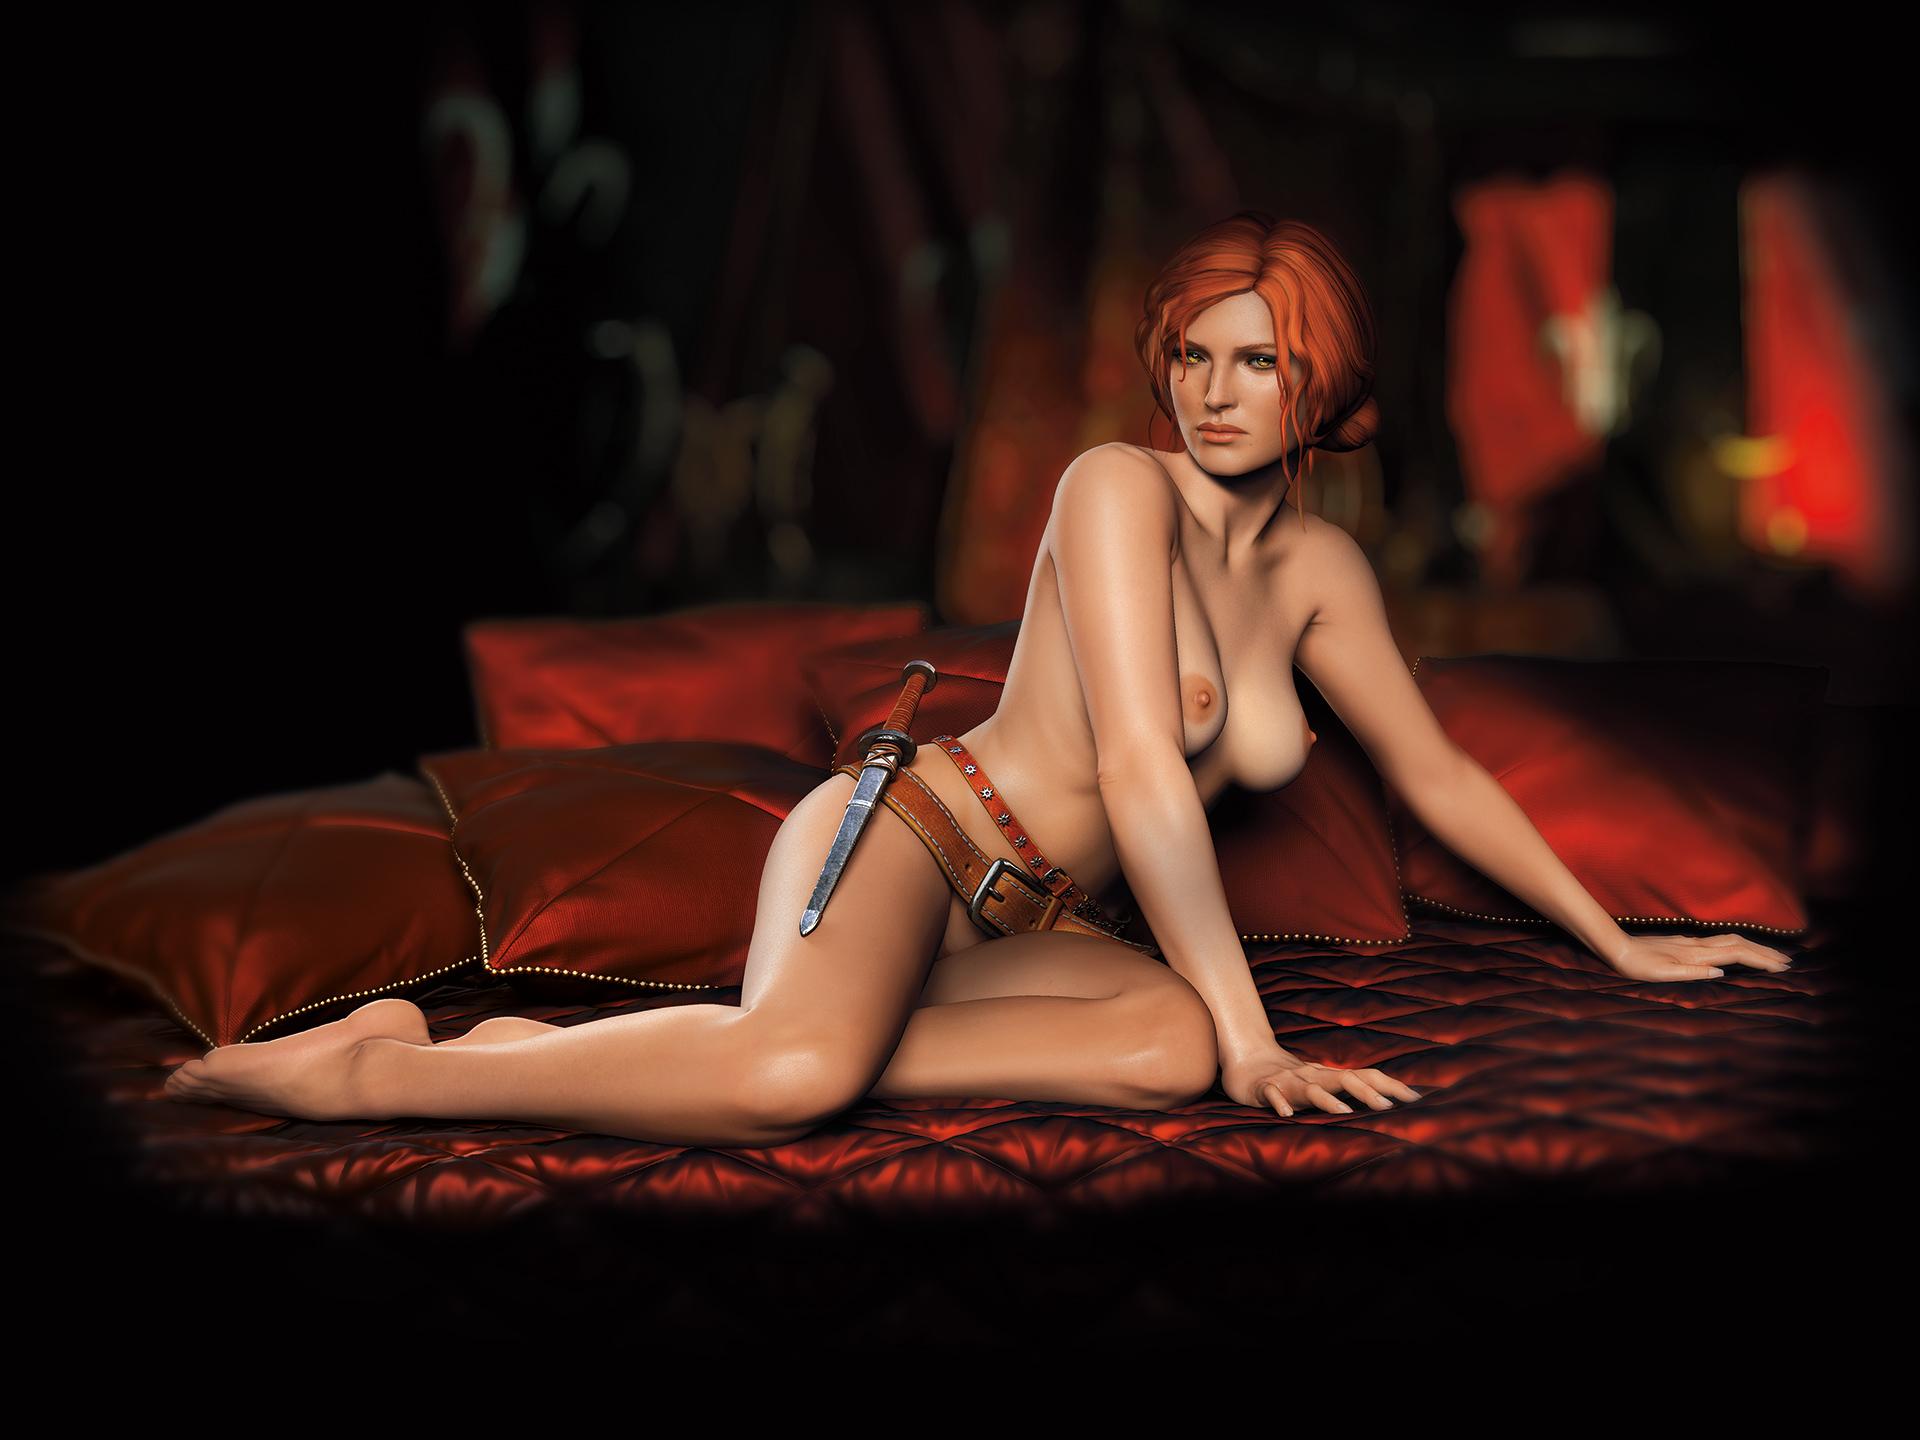 ПОРНО рассказы порнорассказы эротические рассказы порно